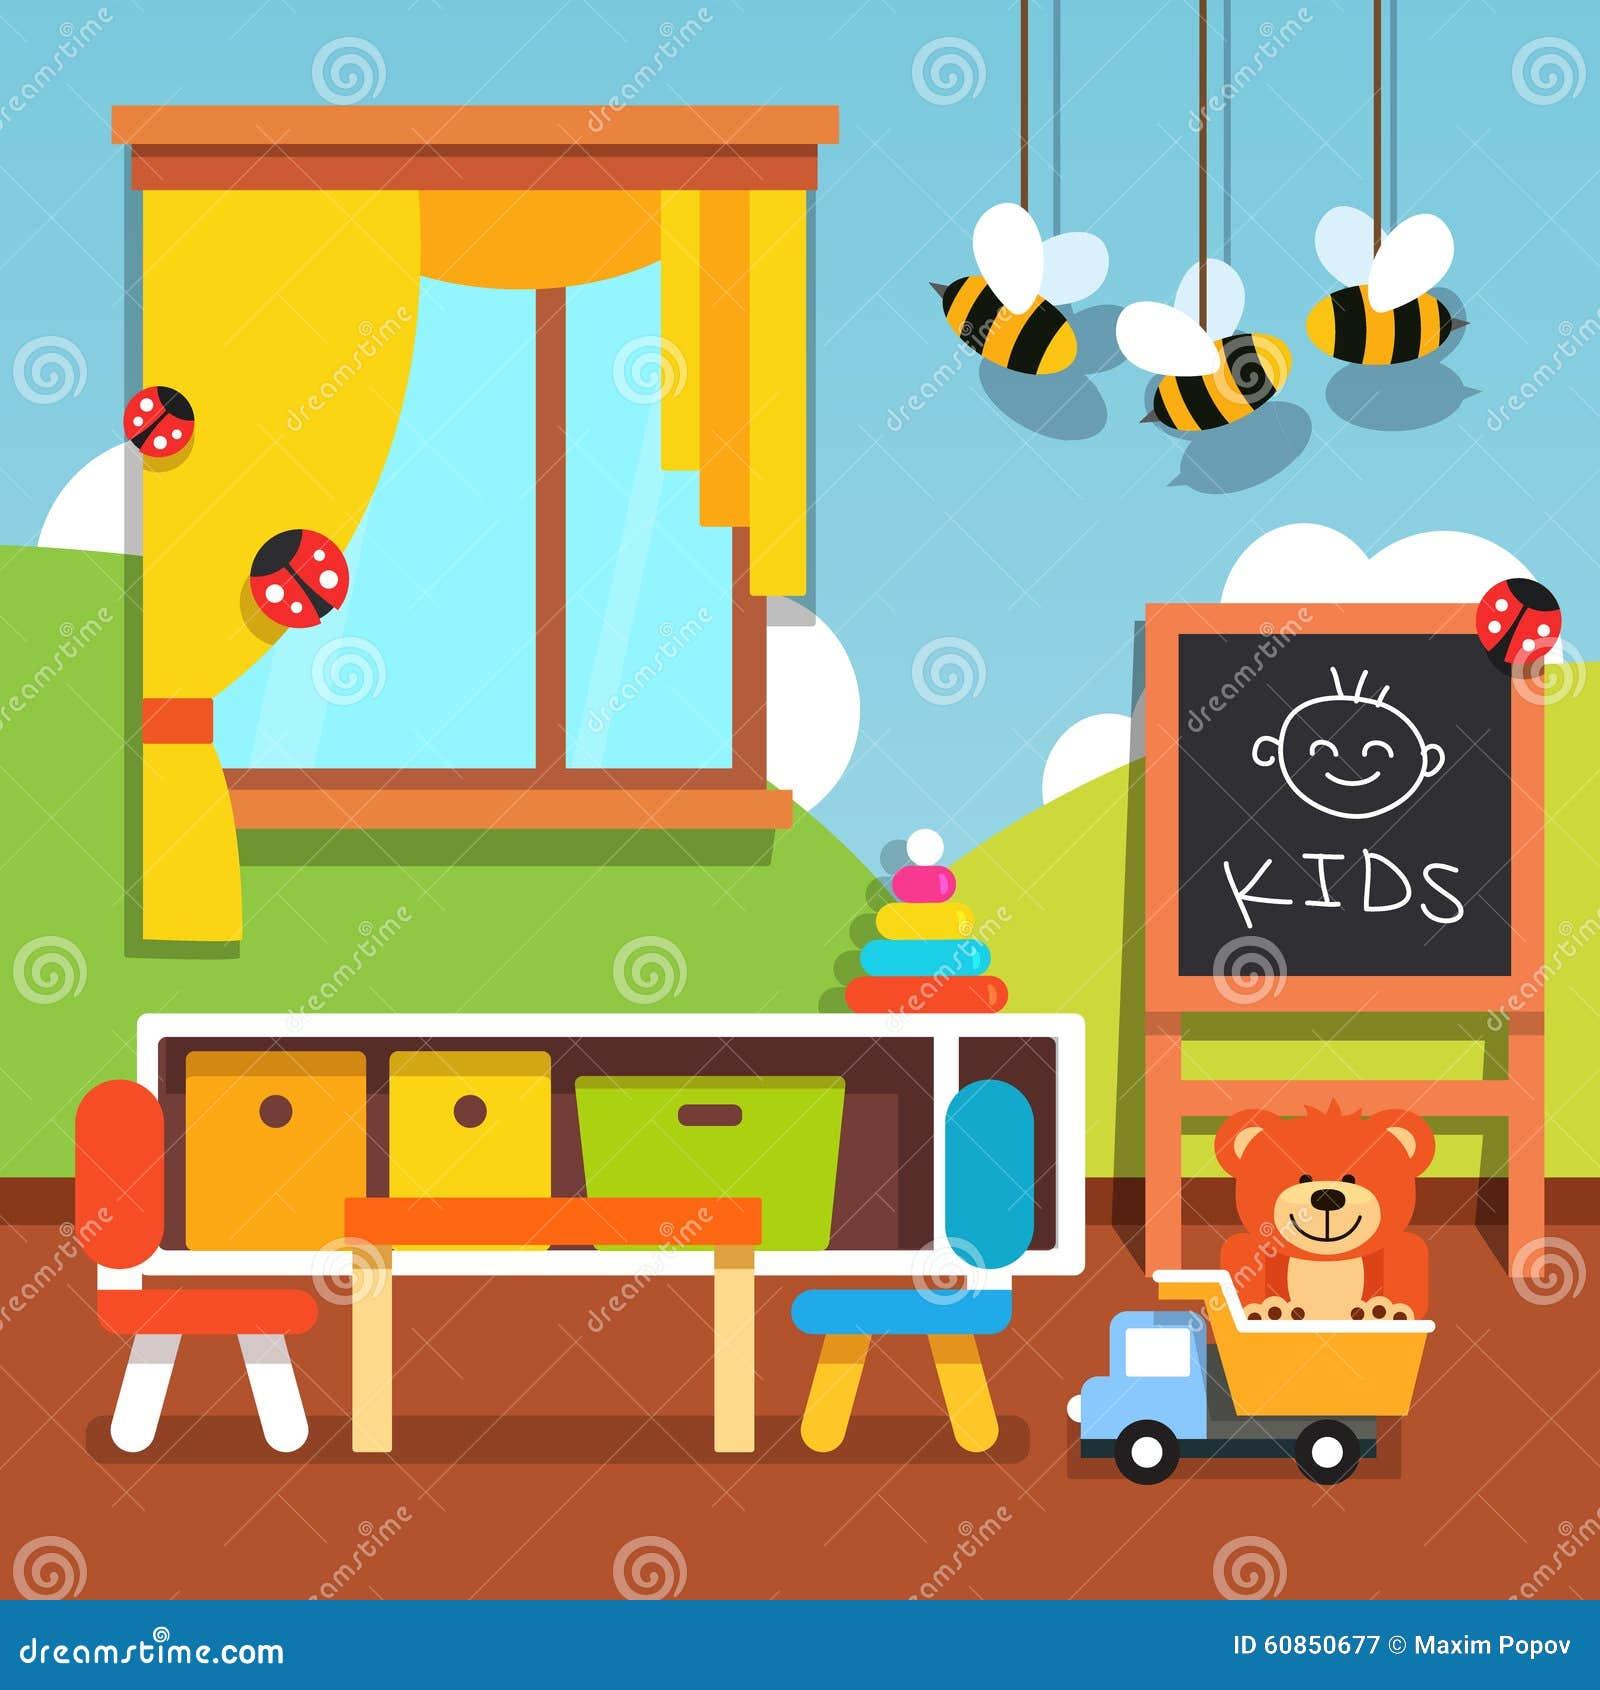 Preschool Kindergarten Classroom With Toys Stock Vector